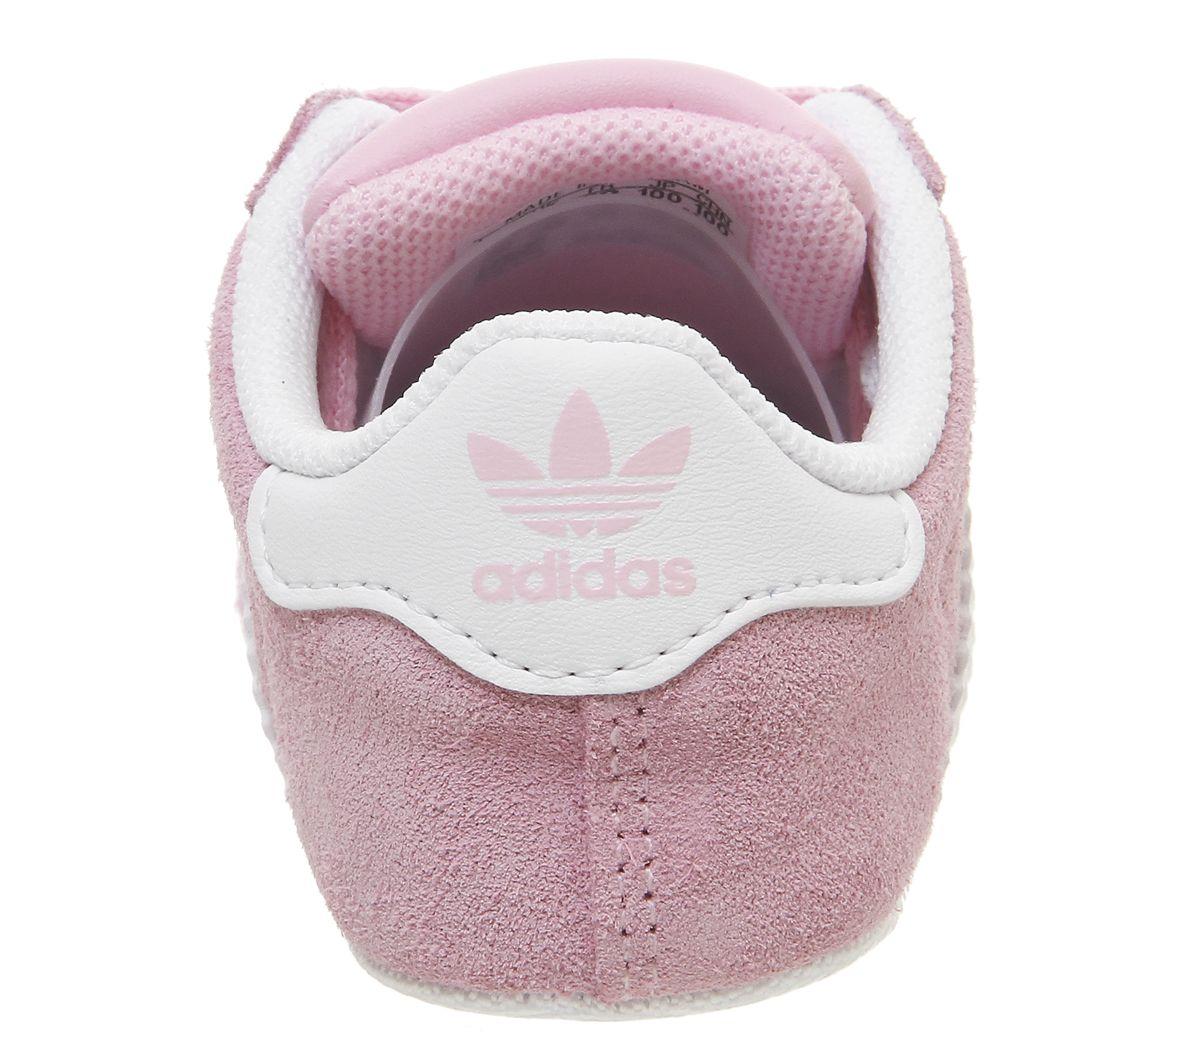 Cuna Zapatillas Rosaebay Adidas True Infantil Gazelle 34arlq5j Y7fbgy6v